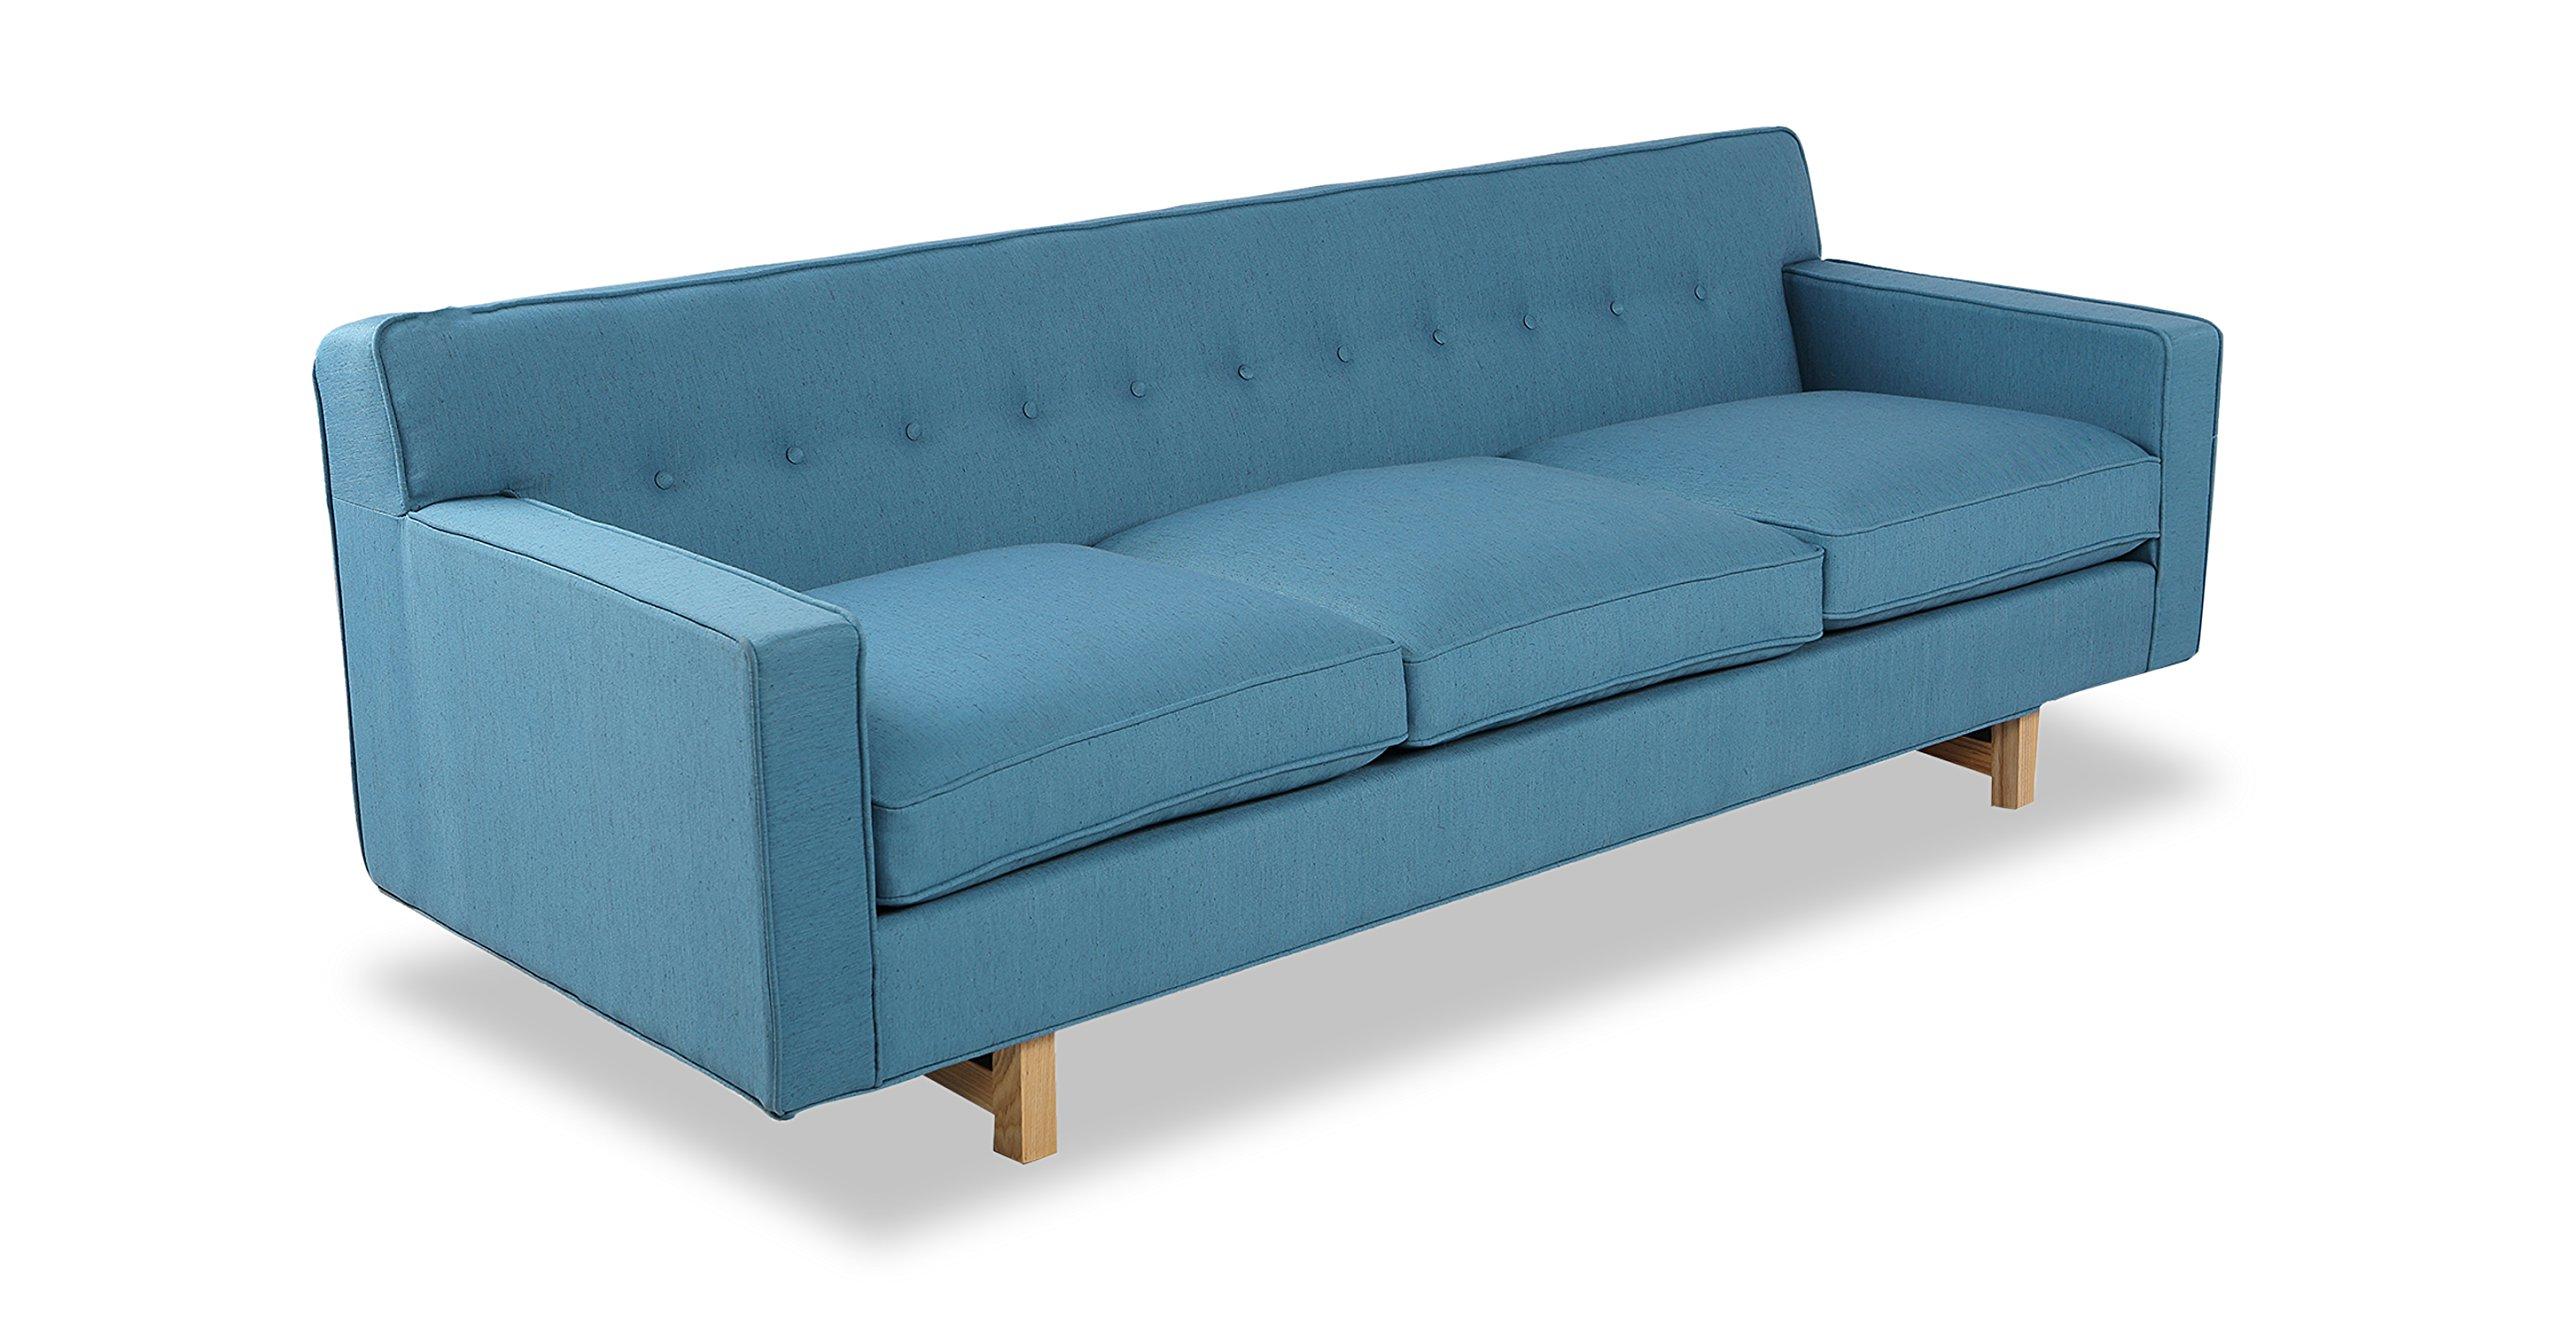 Kardiel Kennedy Mid-Century Modern Classic Sofa, Urban Surf Vintage Twill